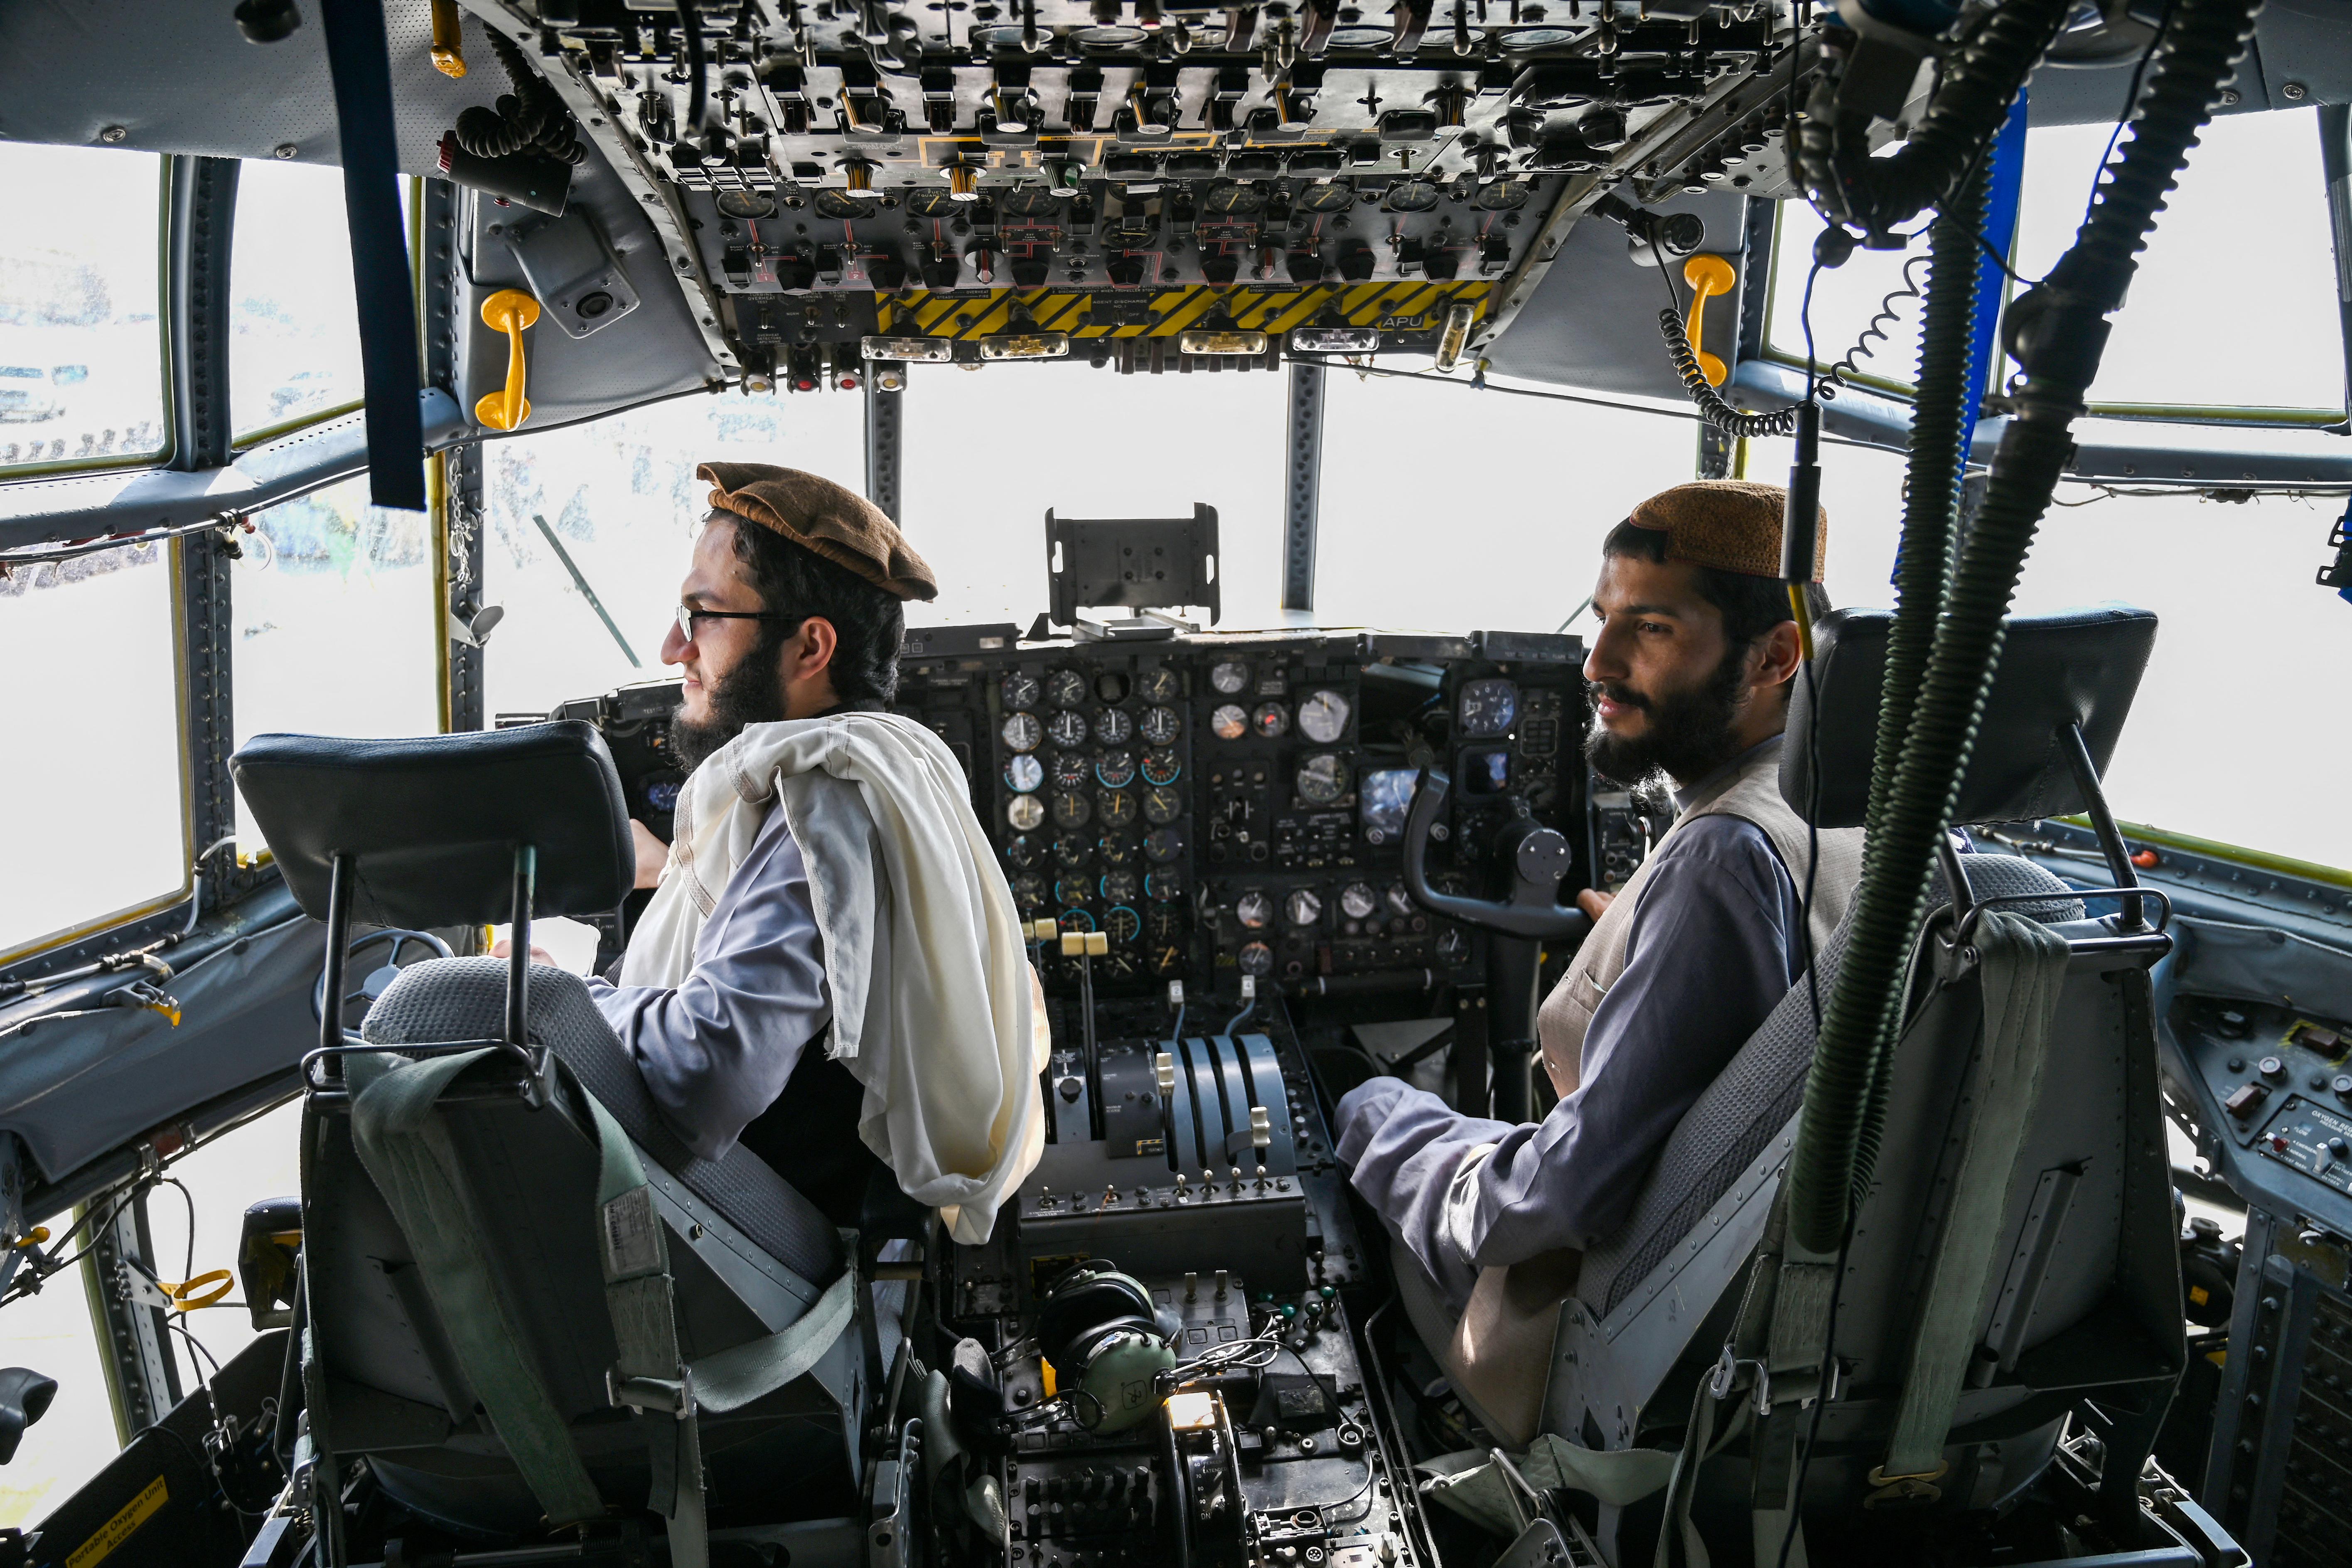 Elhagyhatják Üzbegisztánt az elmenekült afgán harci pilóták